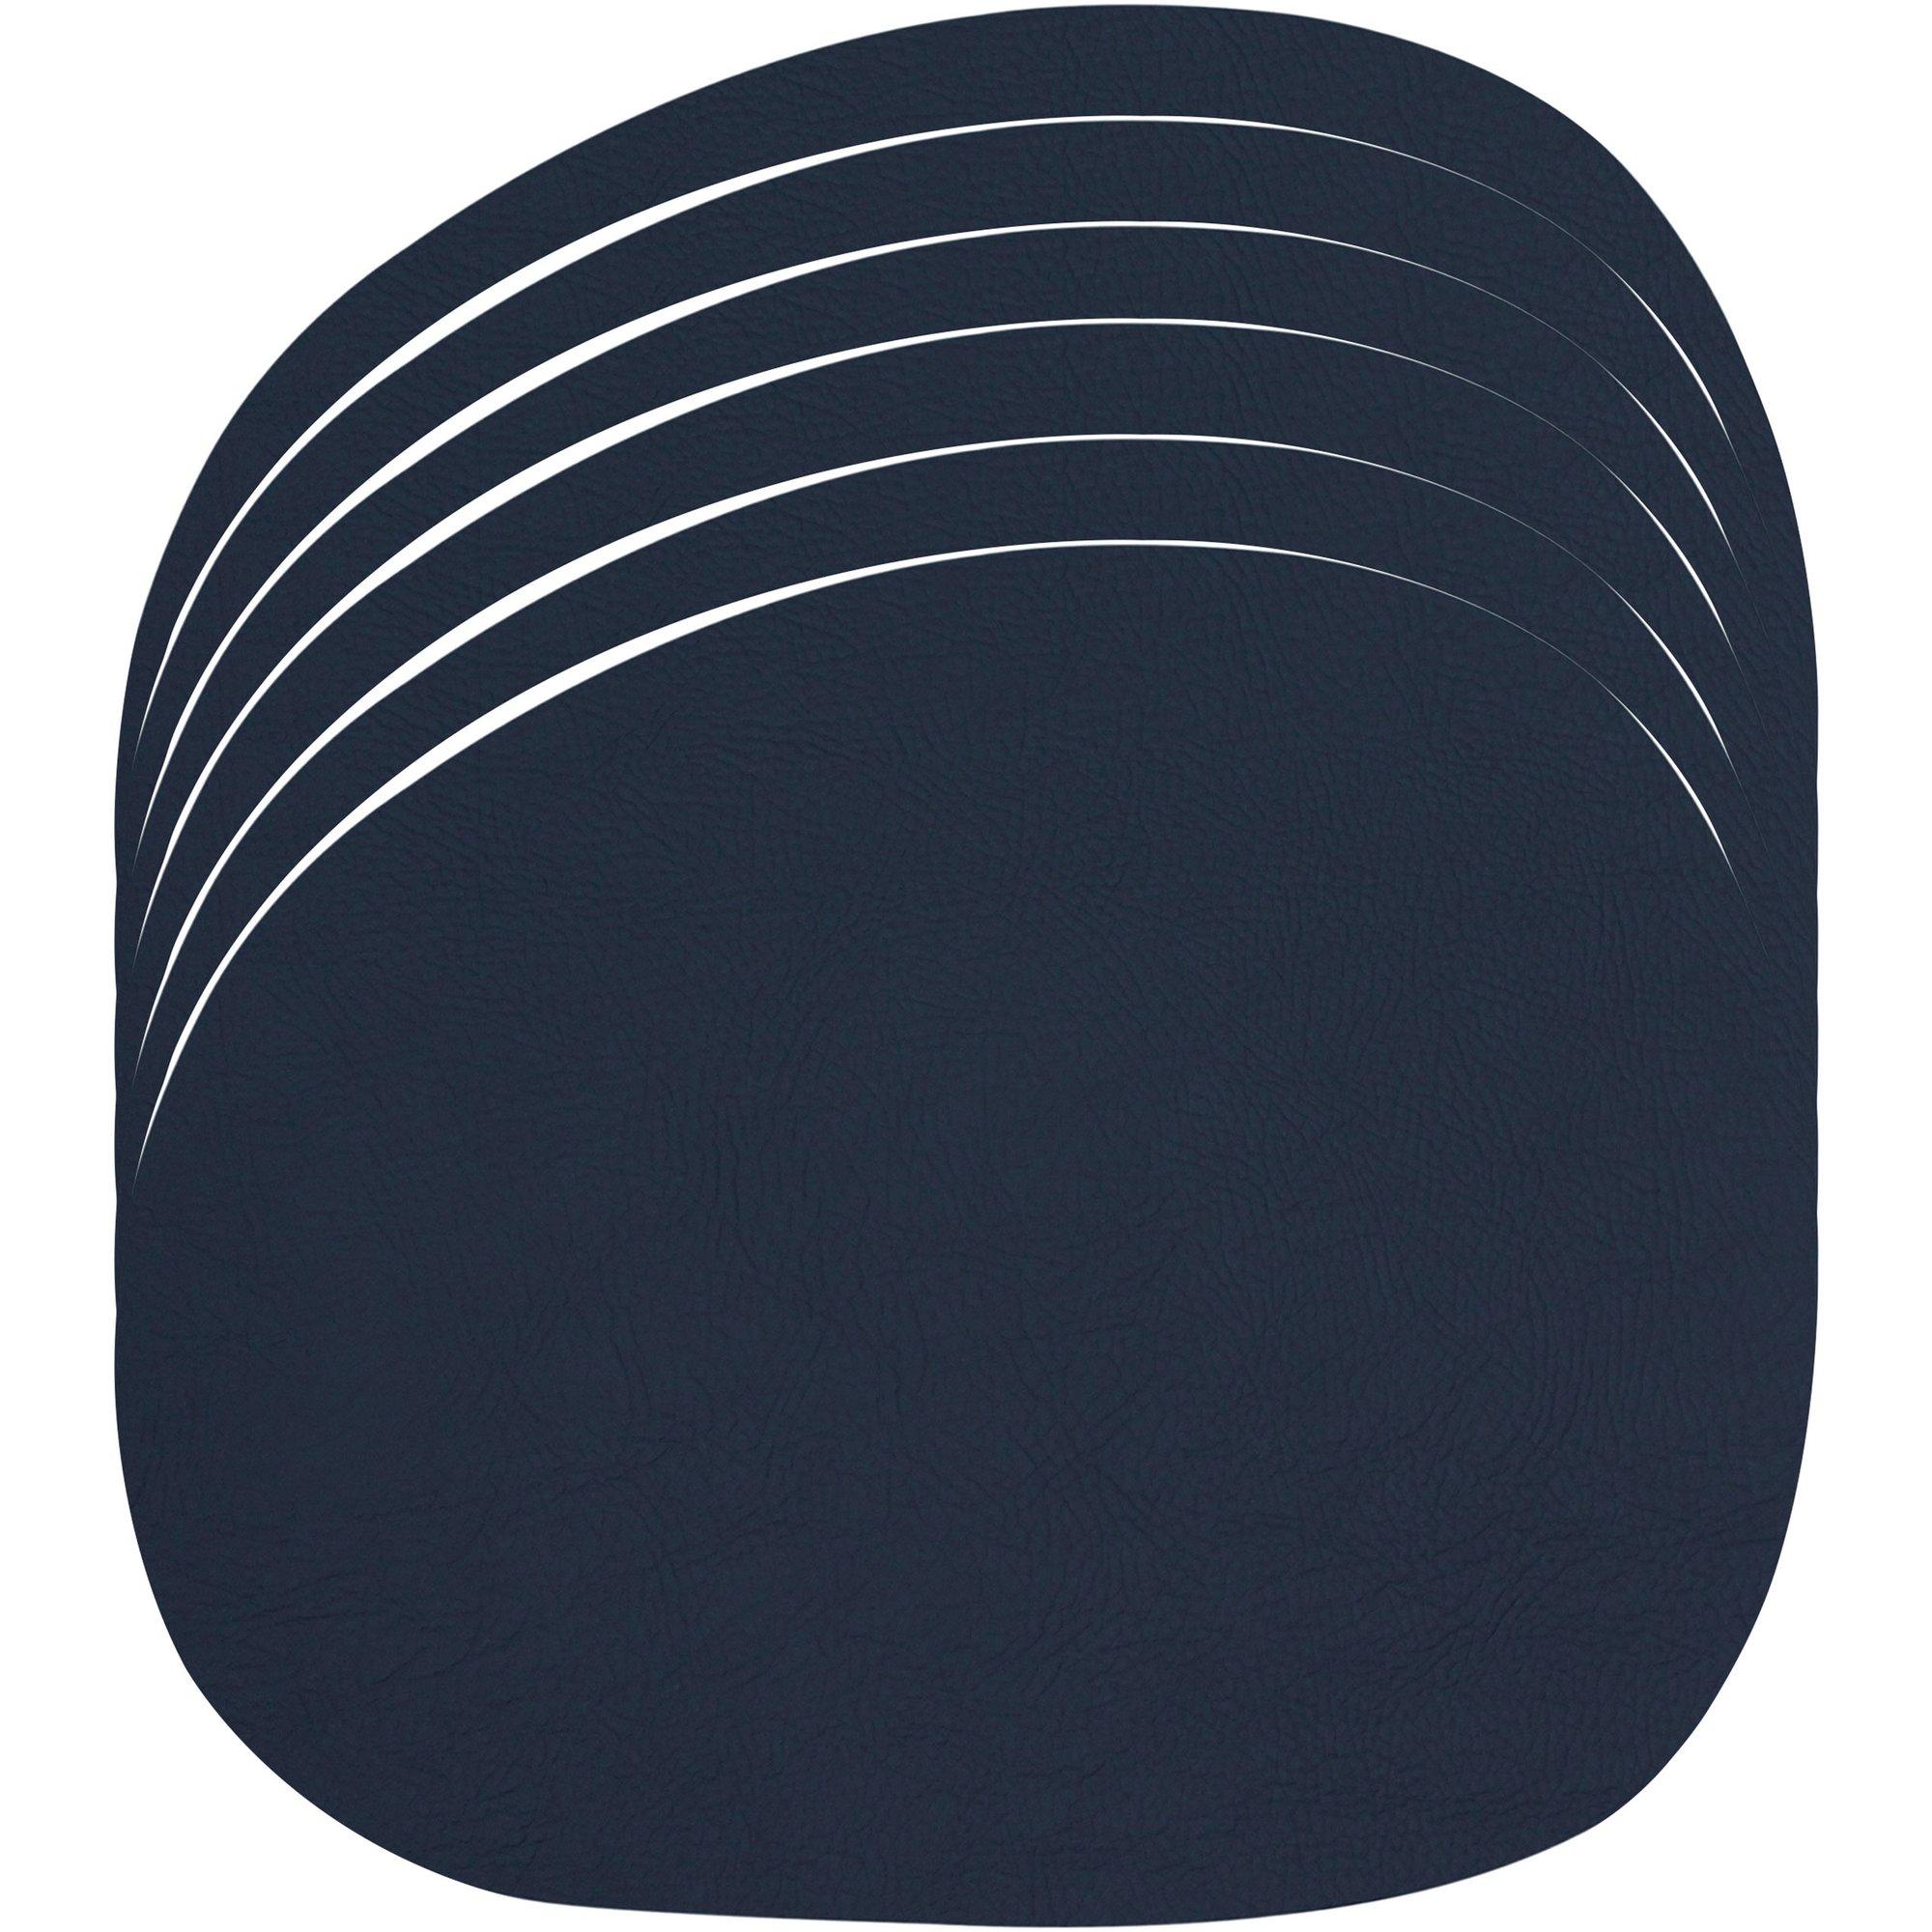 Aida RAW Bordstablett Återvunnet läder 6 st. Mörkblå